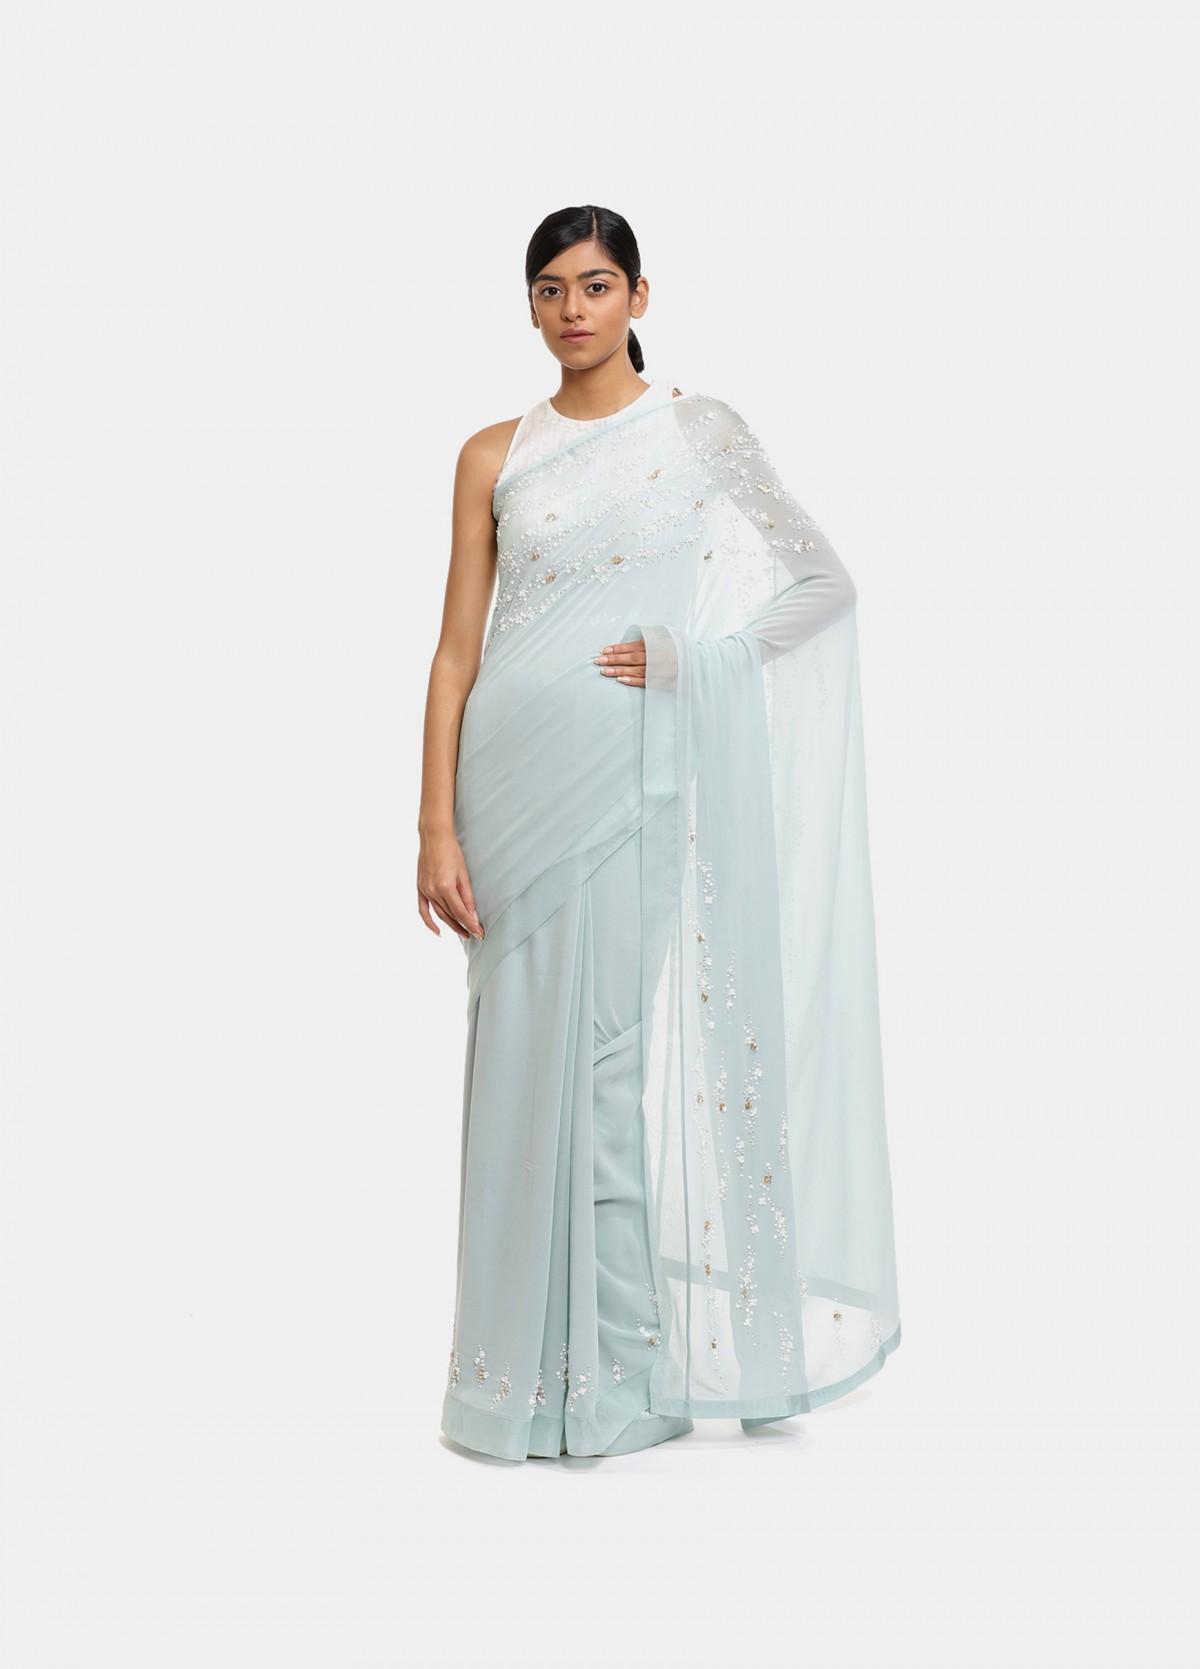 The Ocean Spray Sari